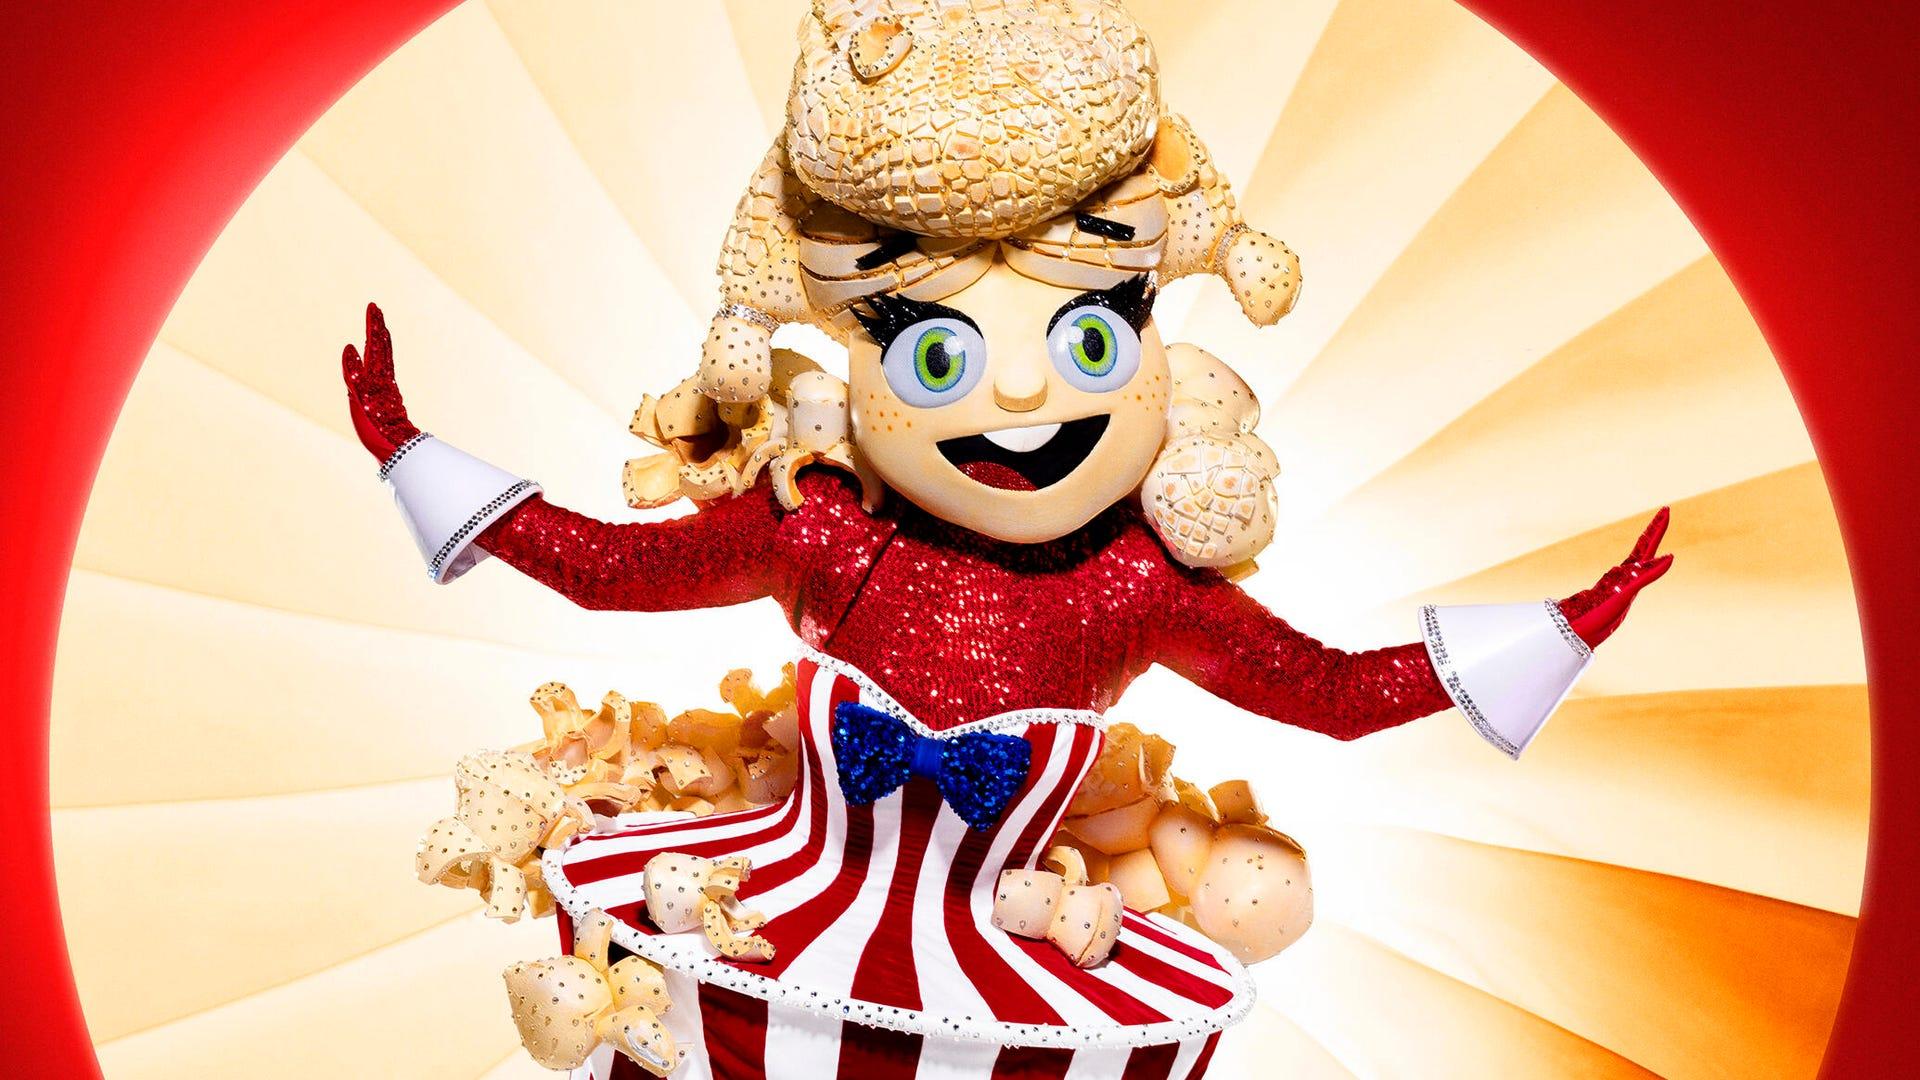 Popcorn, The Masked Singer